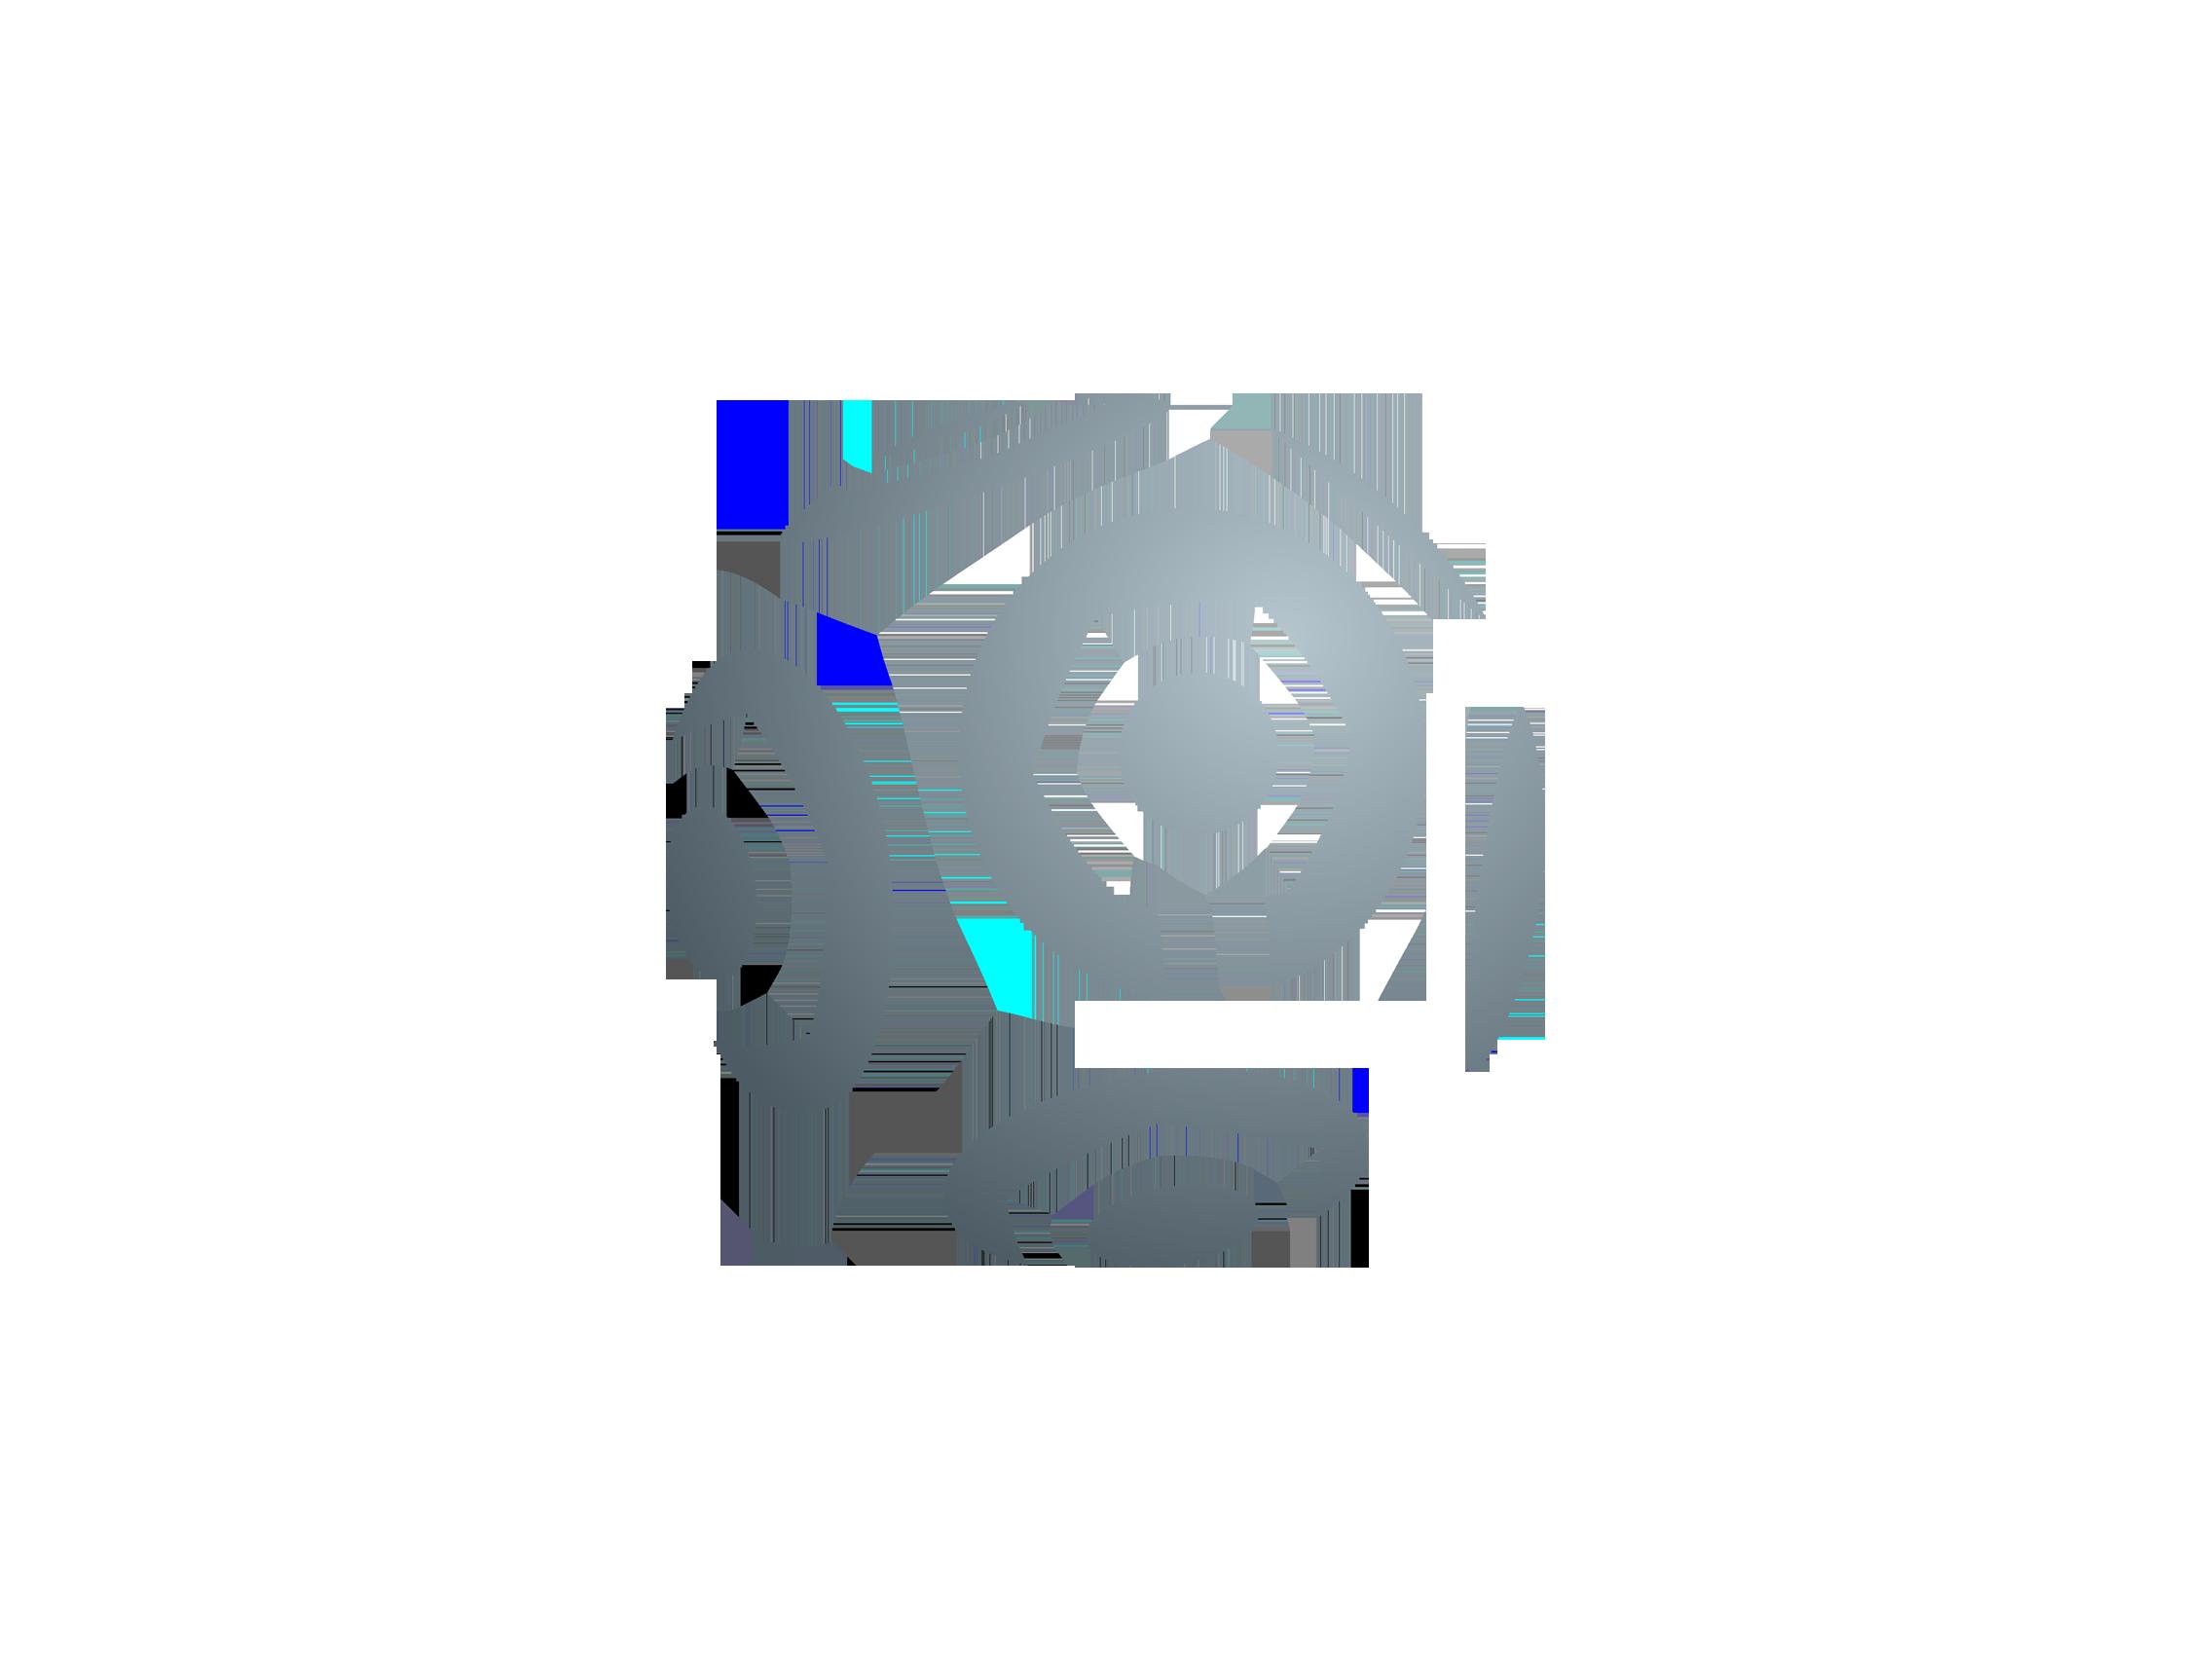 ligue-1-logo-france-png.png